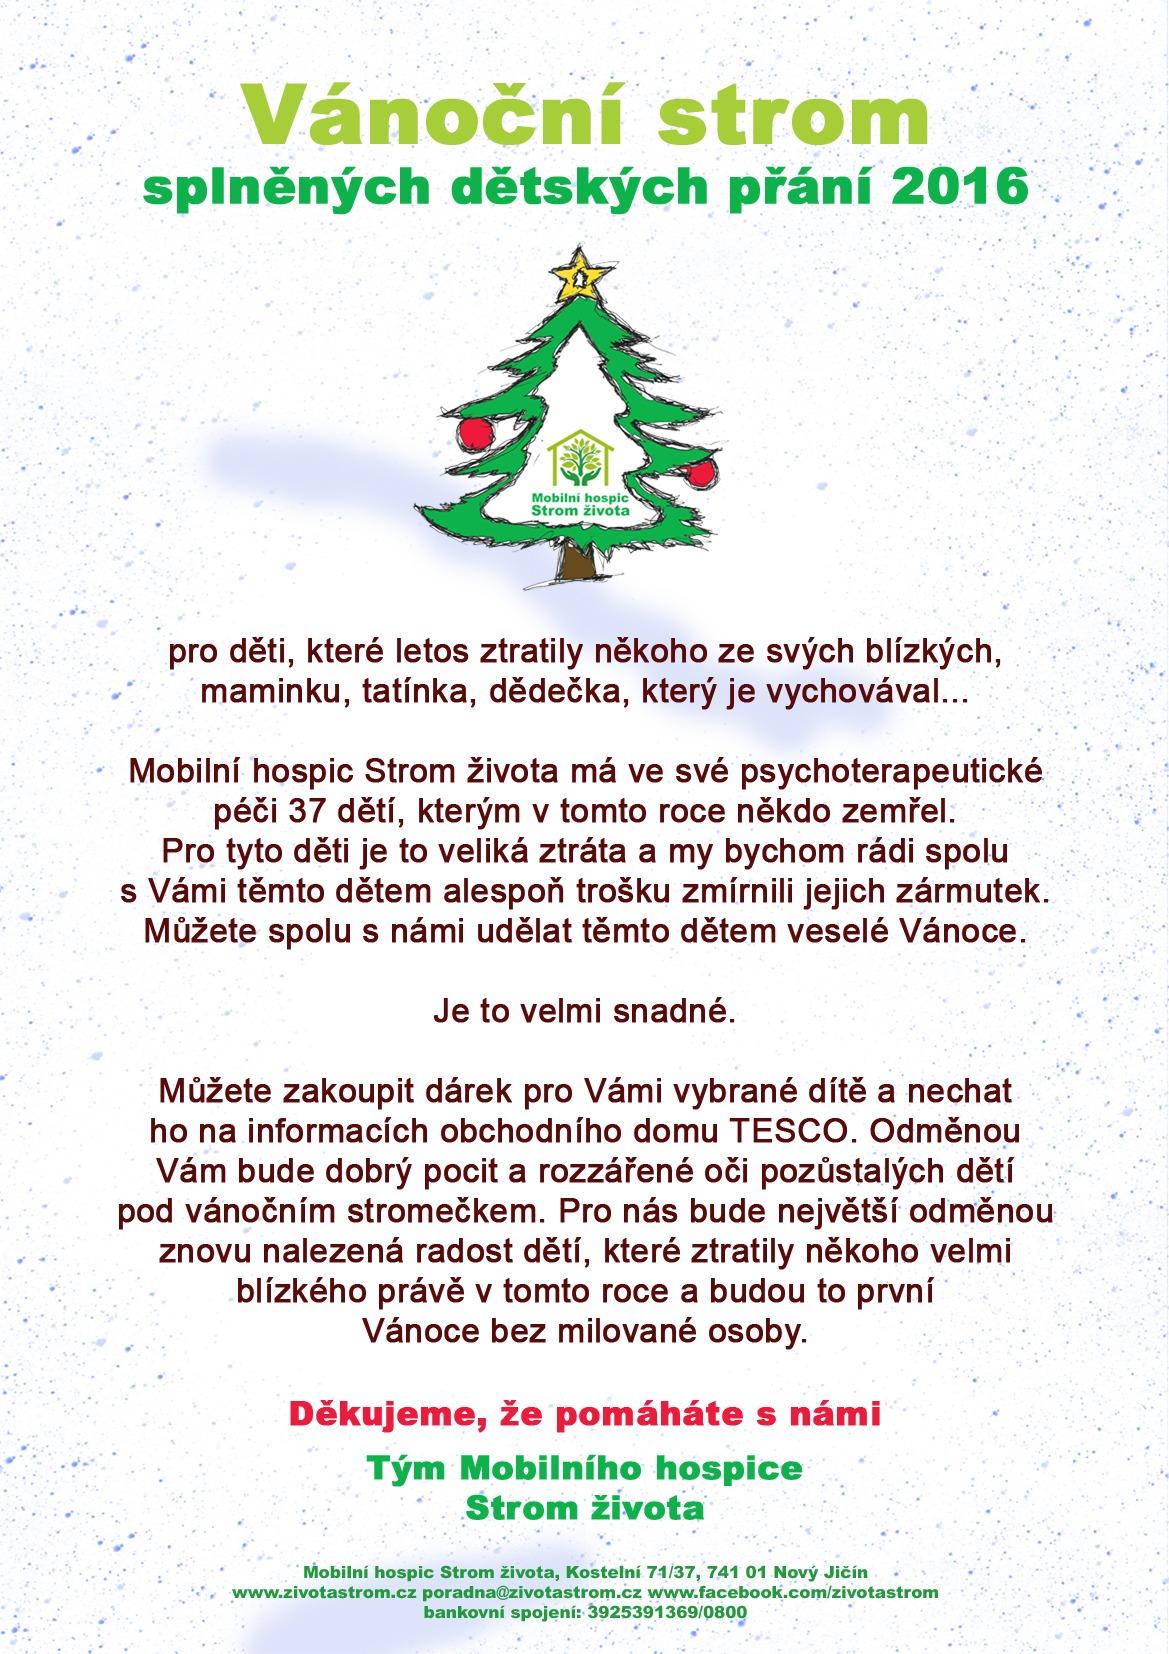 povidani-vanocni-strom